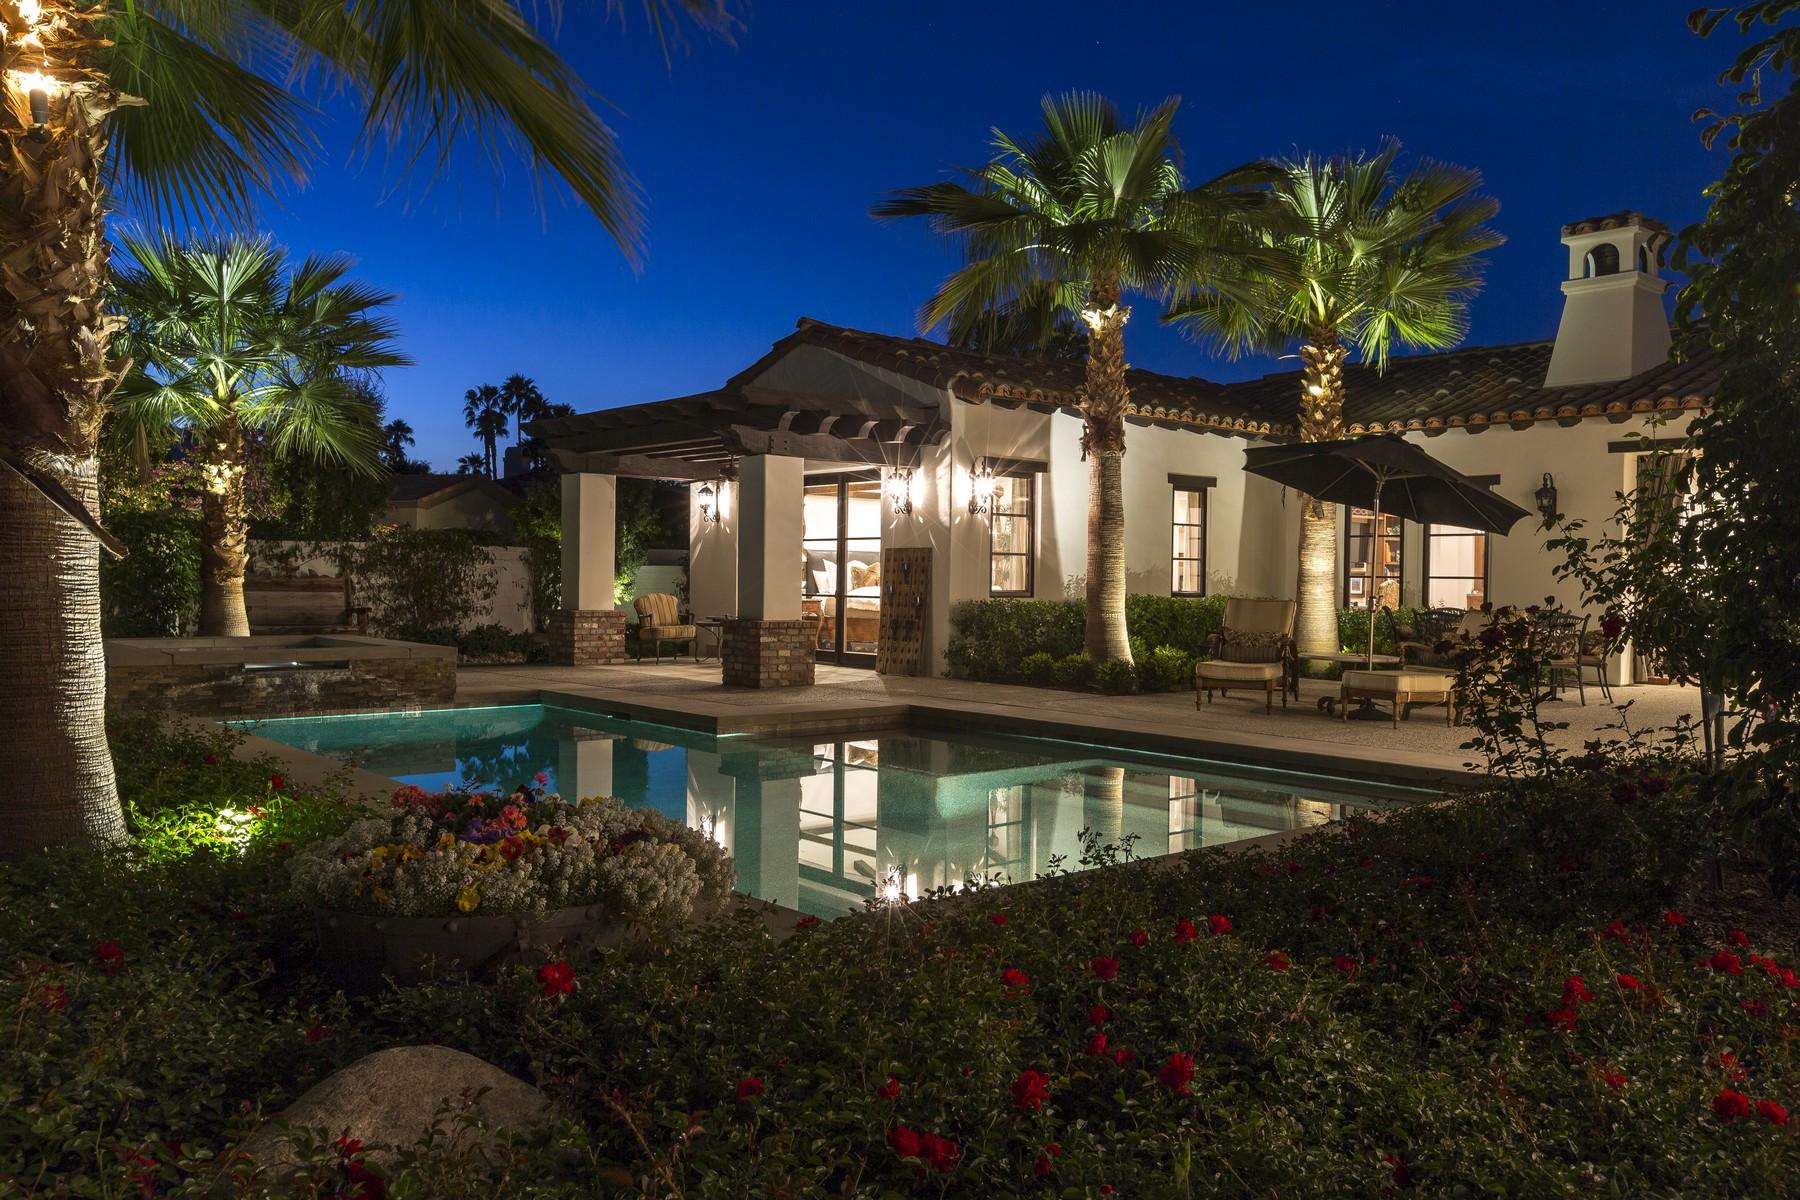 一戸建て のために 売買 アット 34 Clancy Lane Rancho Mirage, カリフォルニア, 92270 アメリカ合衆国